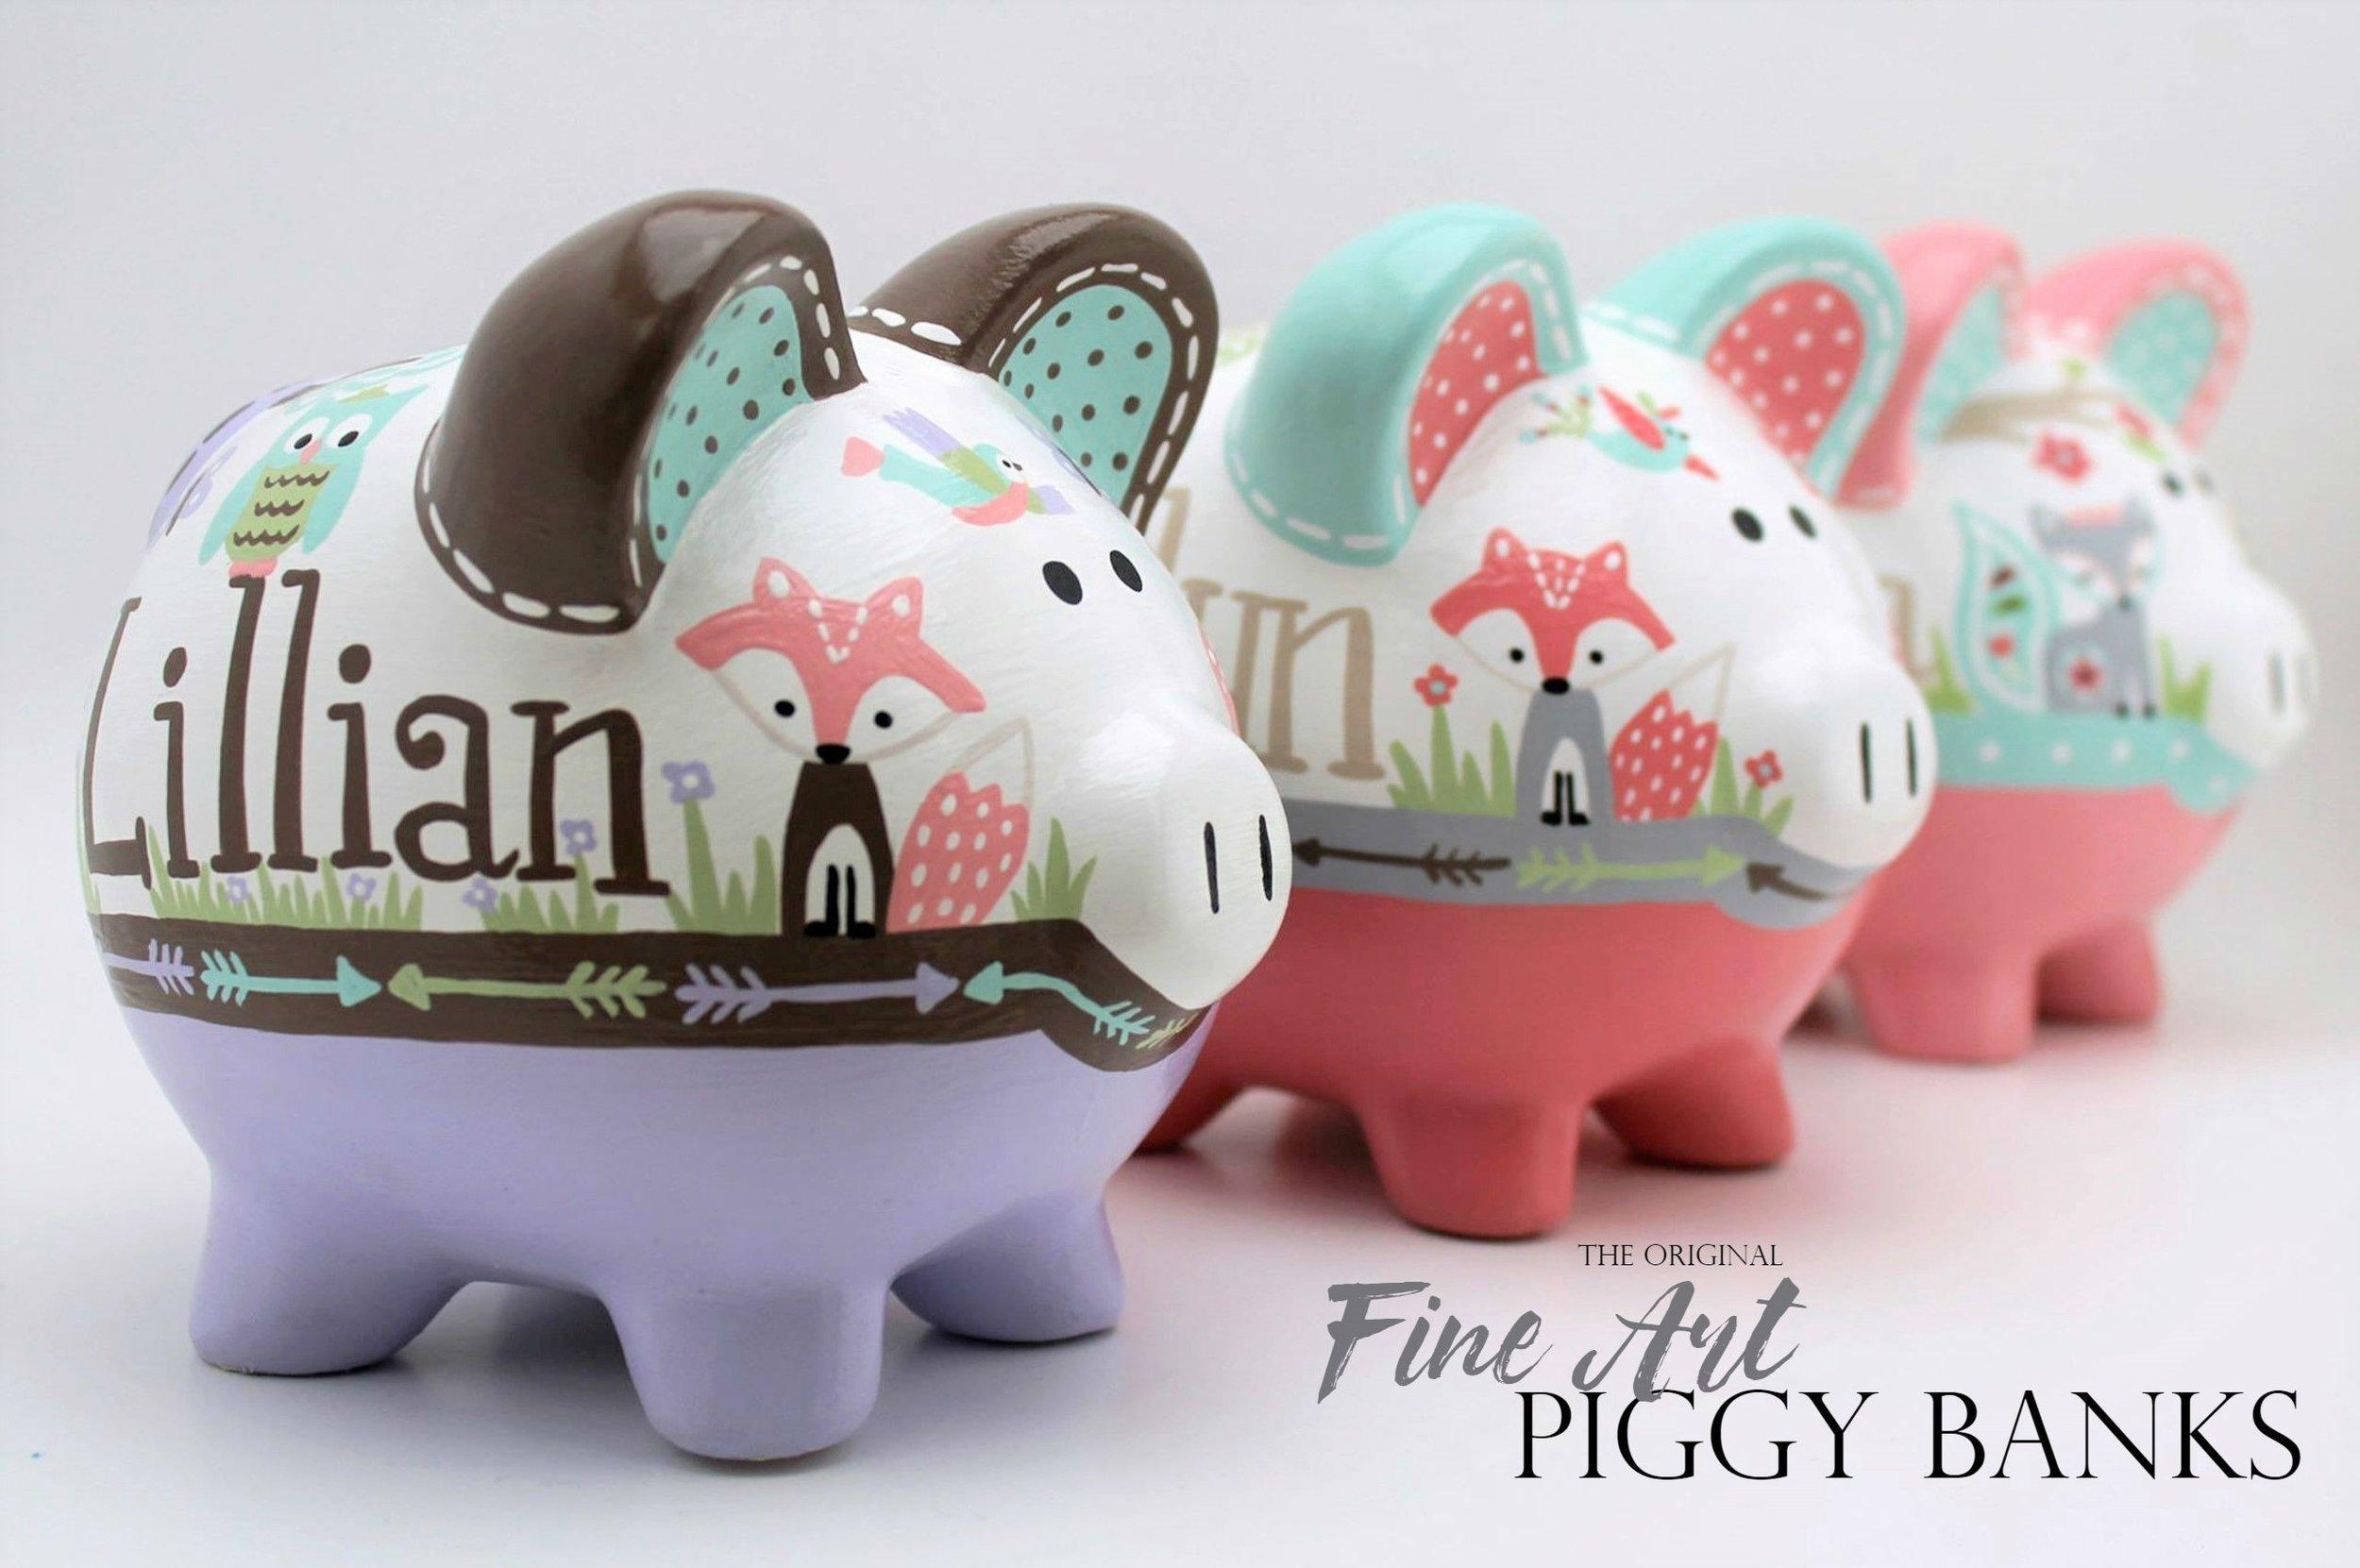 Fine Art piggy banks1 (2).jpg